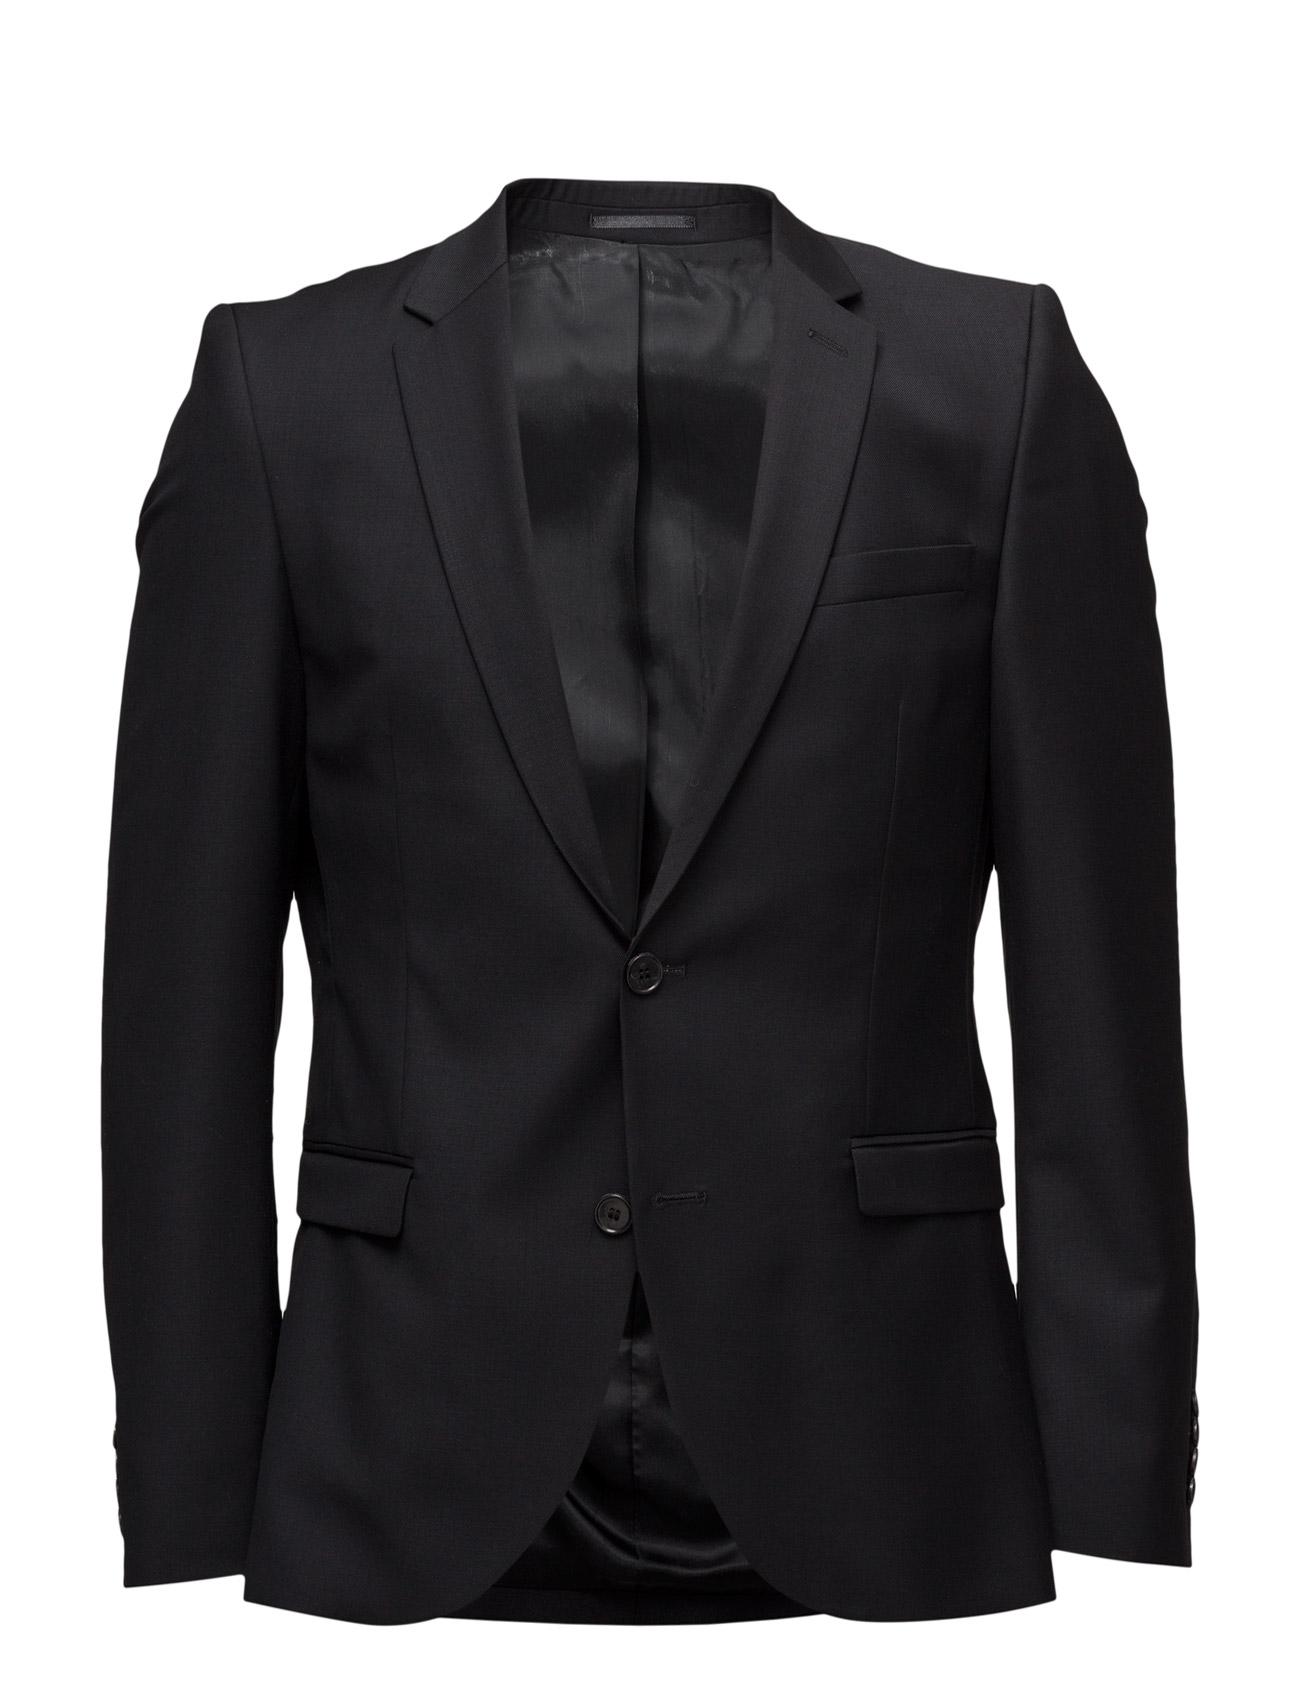 Shdone-Myloram5 Black Blazer Noos Selected Homme Blazere til Herrer i Sort